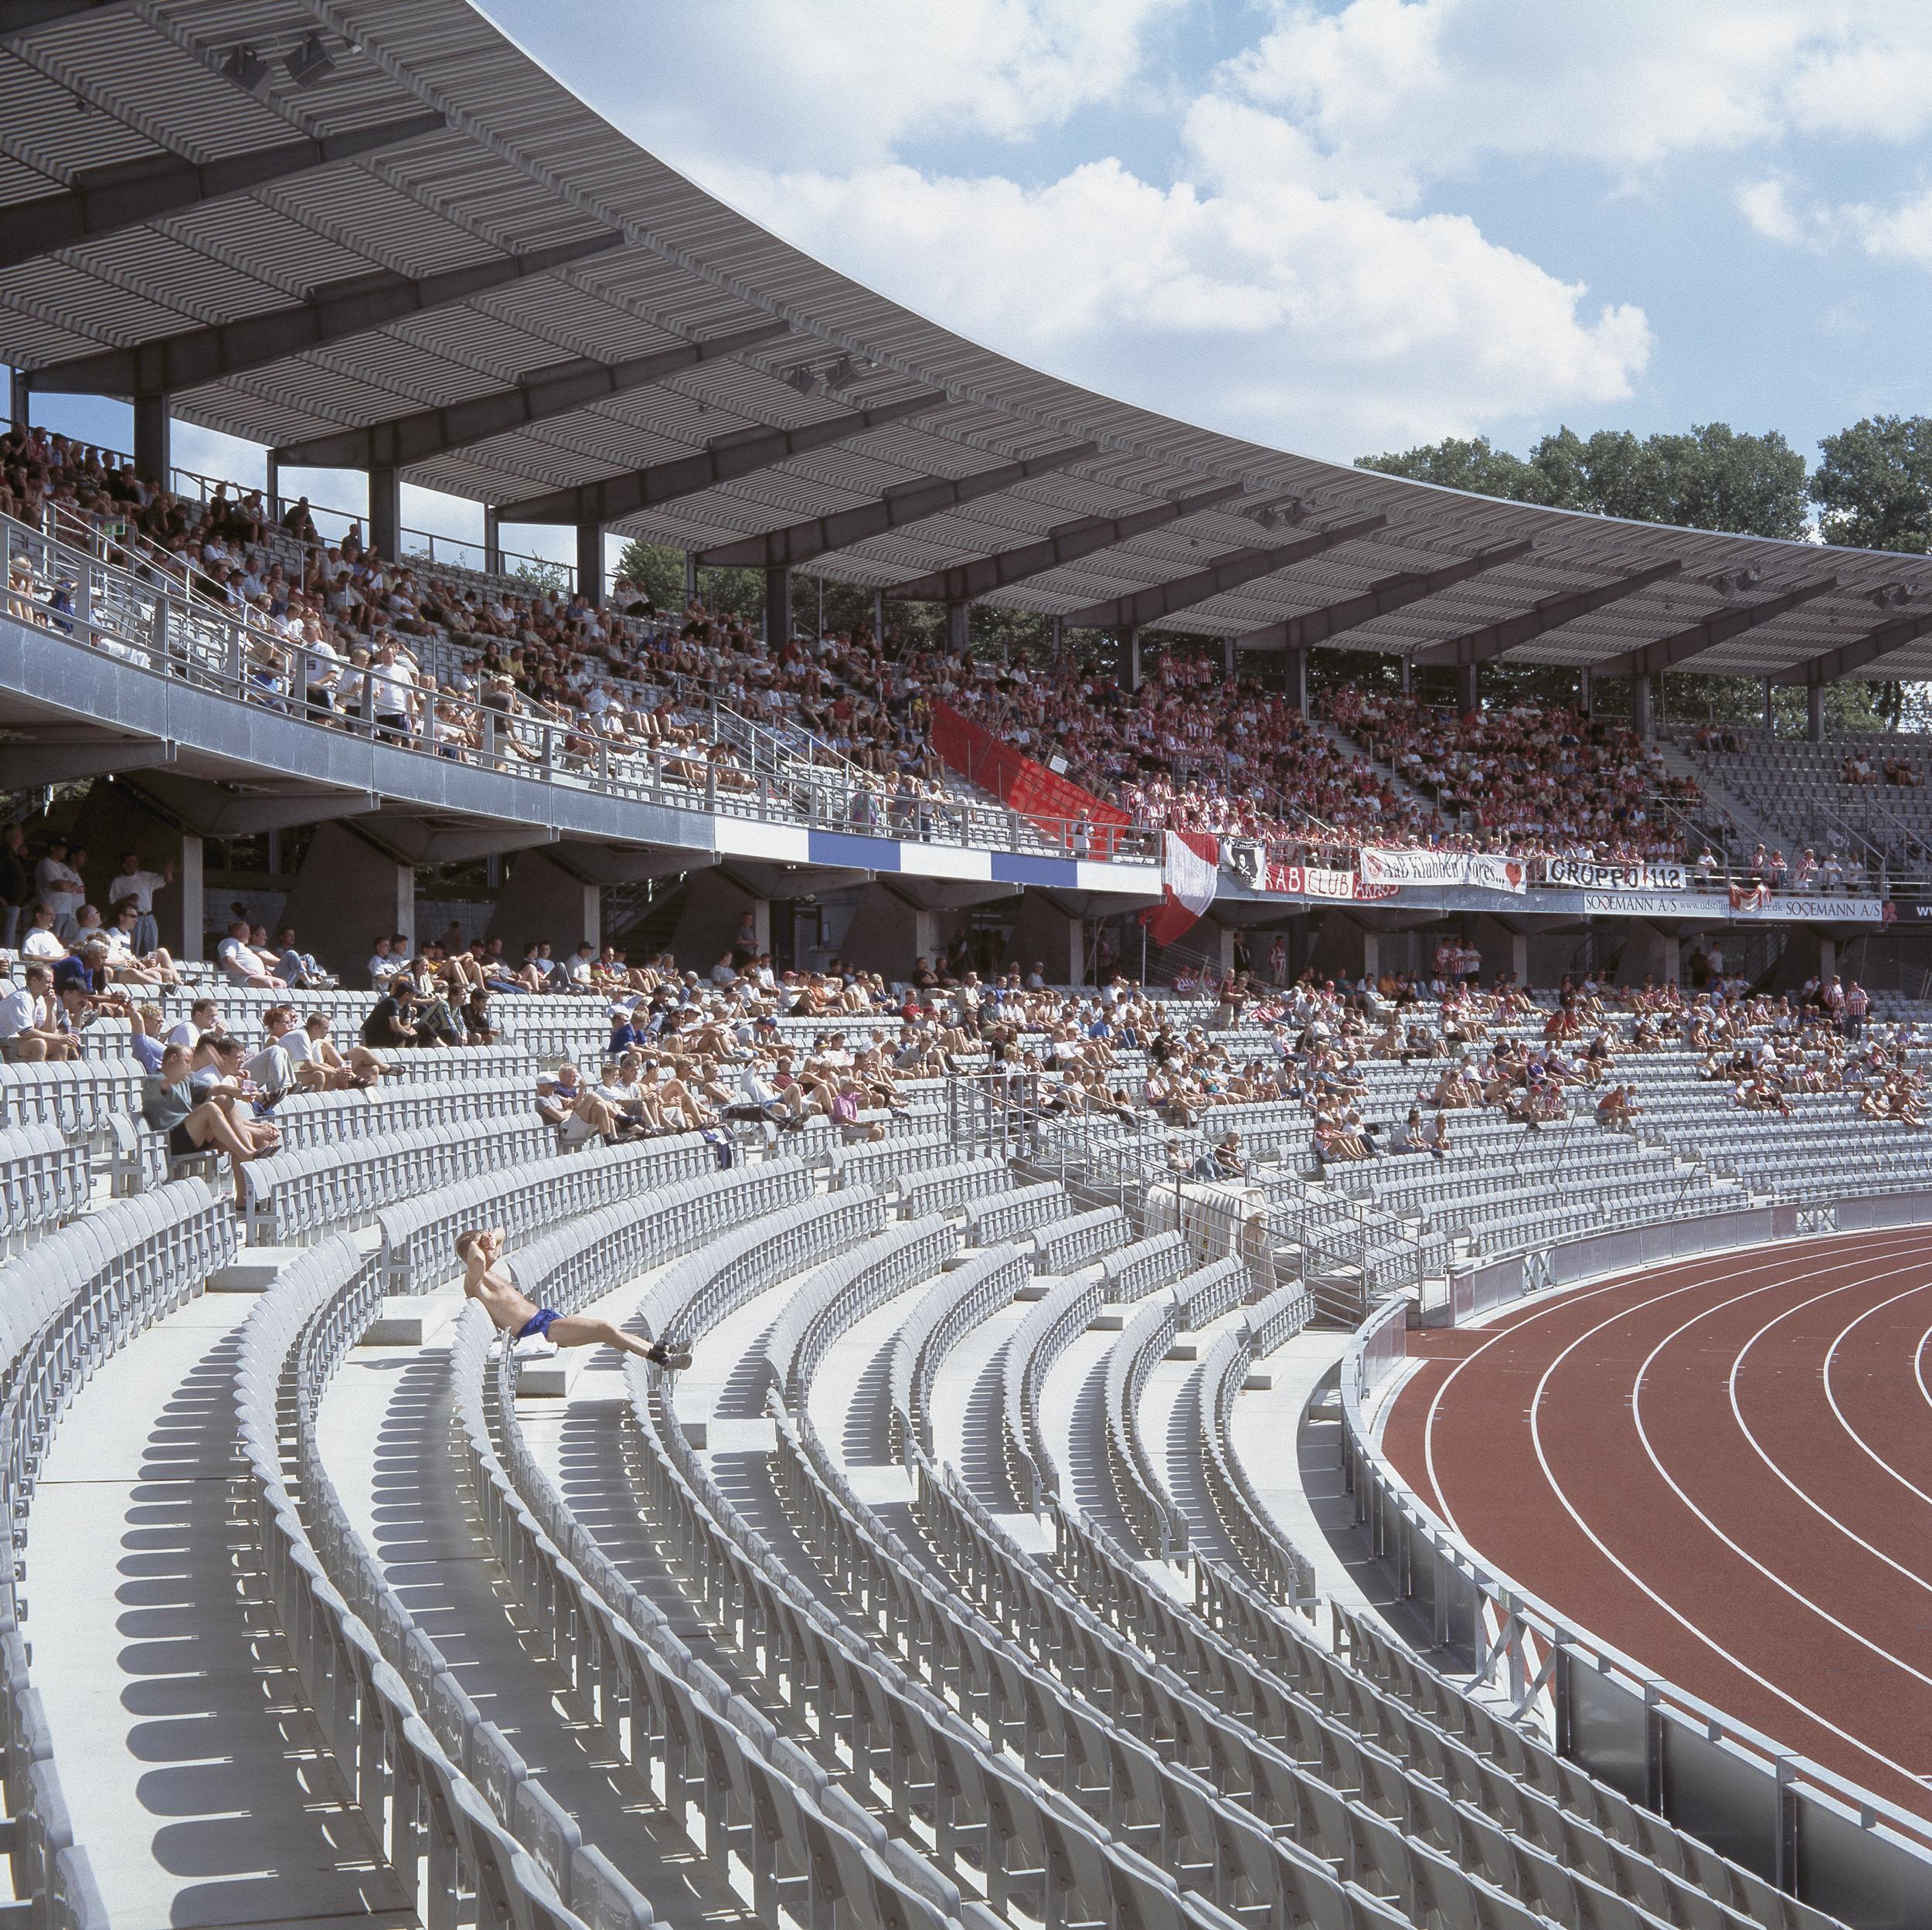 Arena-og-stadion-001.png